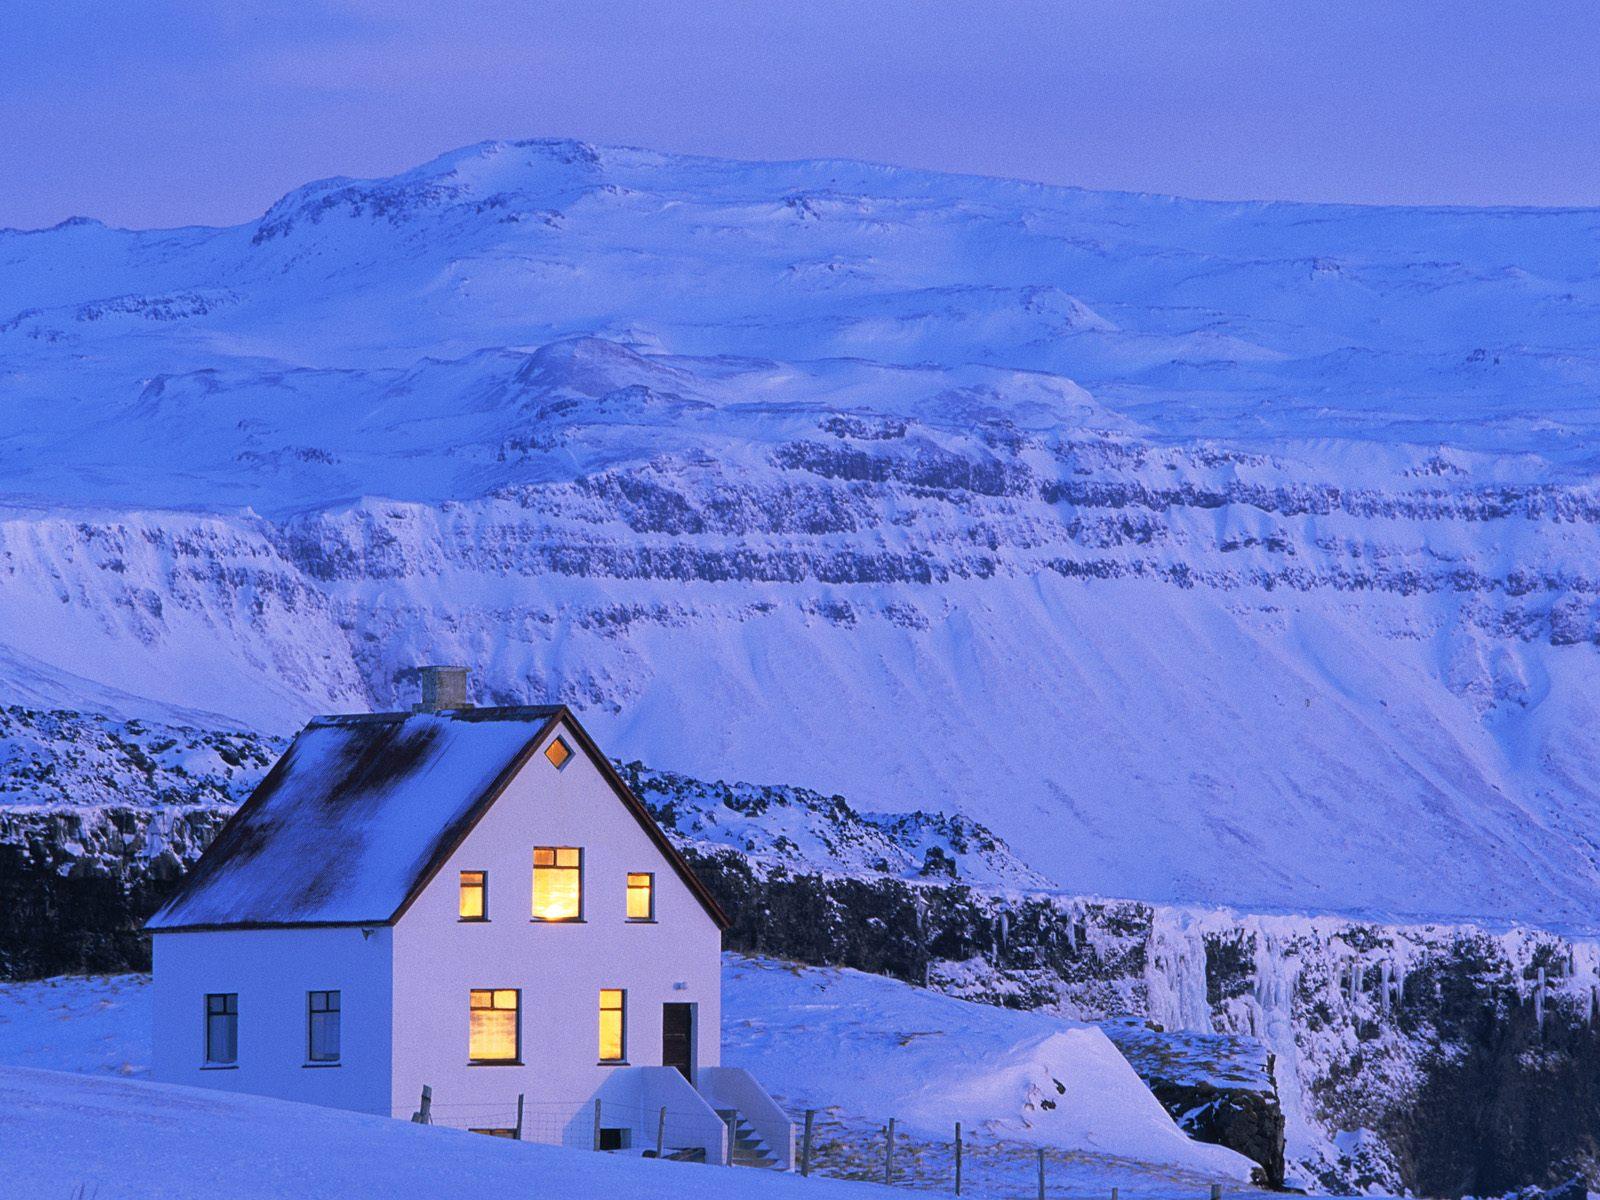 Cozy Mountain Home   Winter Wallpaper 509530 1600x1200